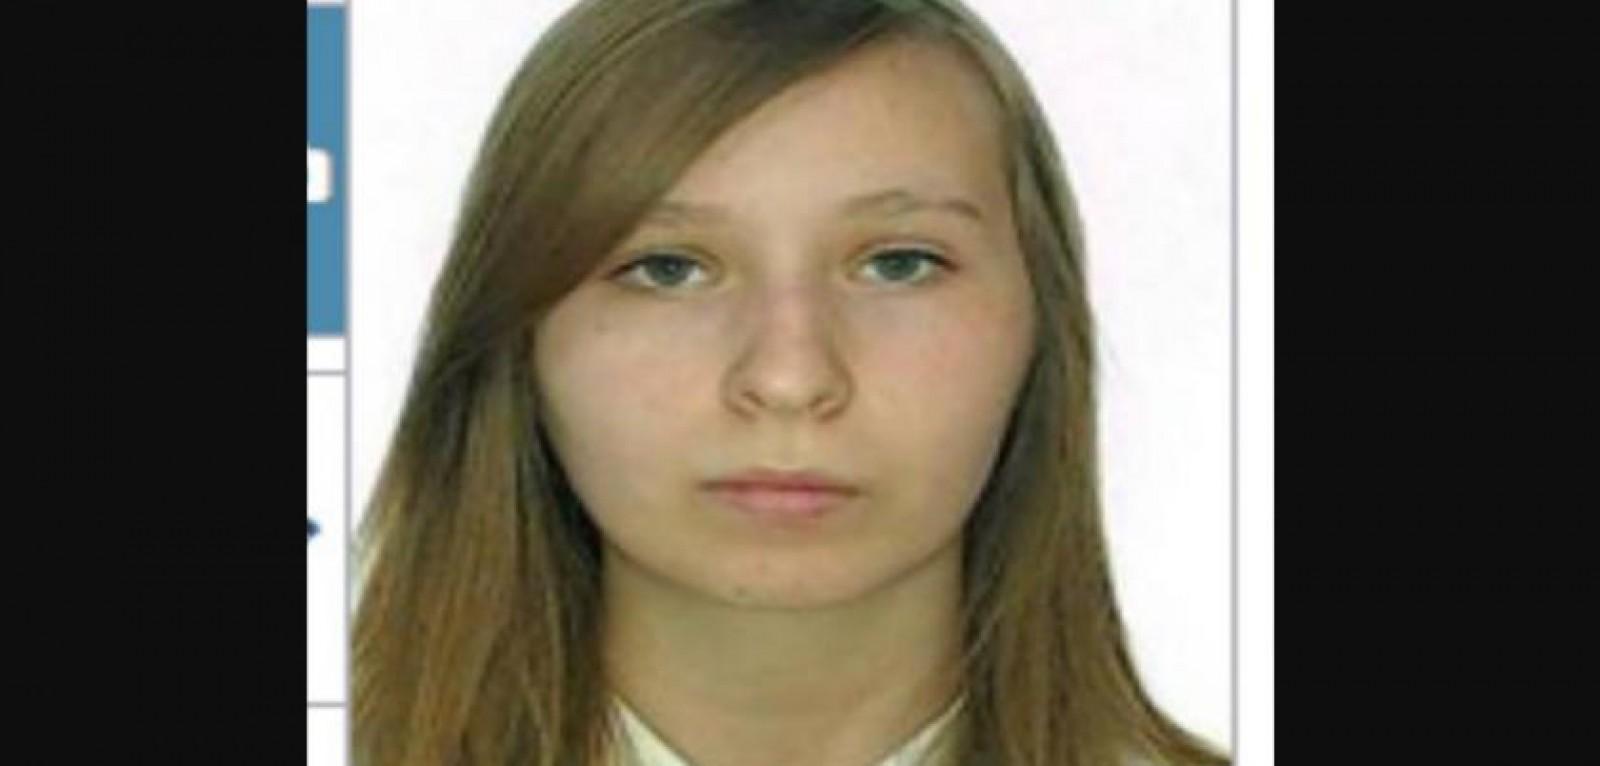 Este căutată de poliție: O tânără de 16 ani din capitală a dispărut în noaptea de revelion